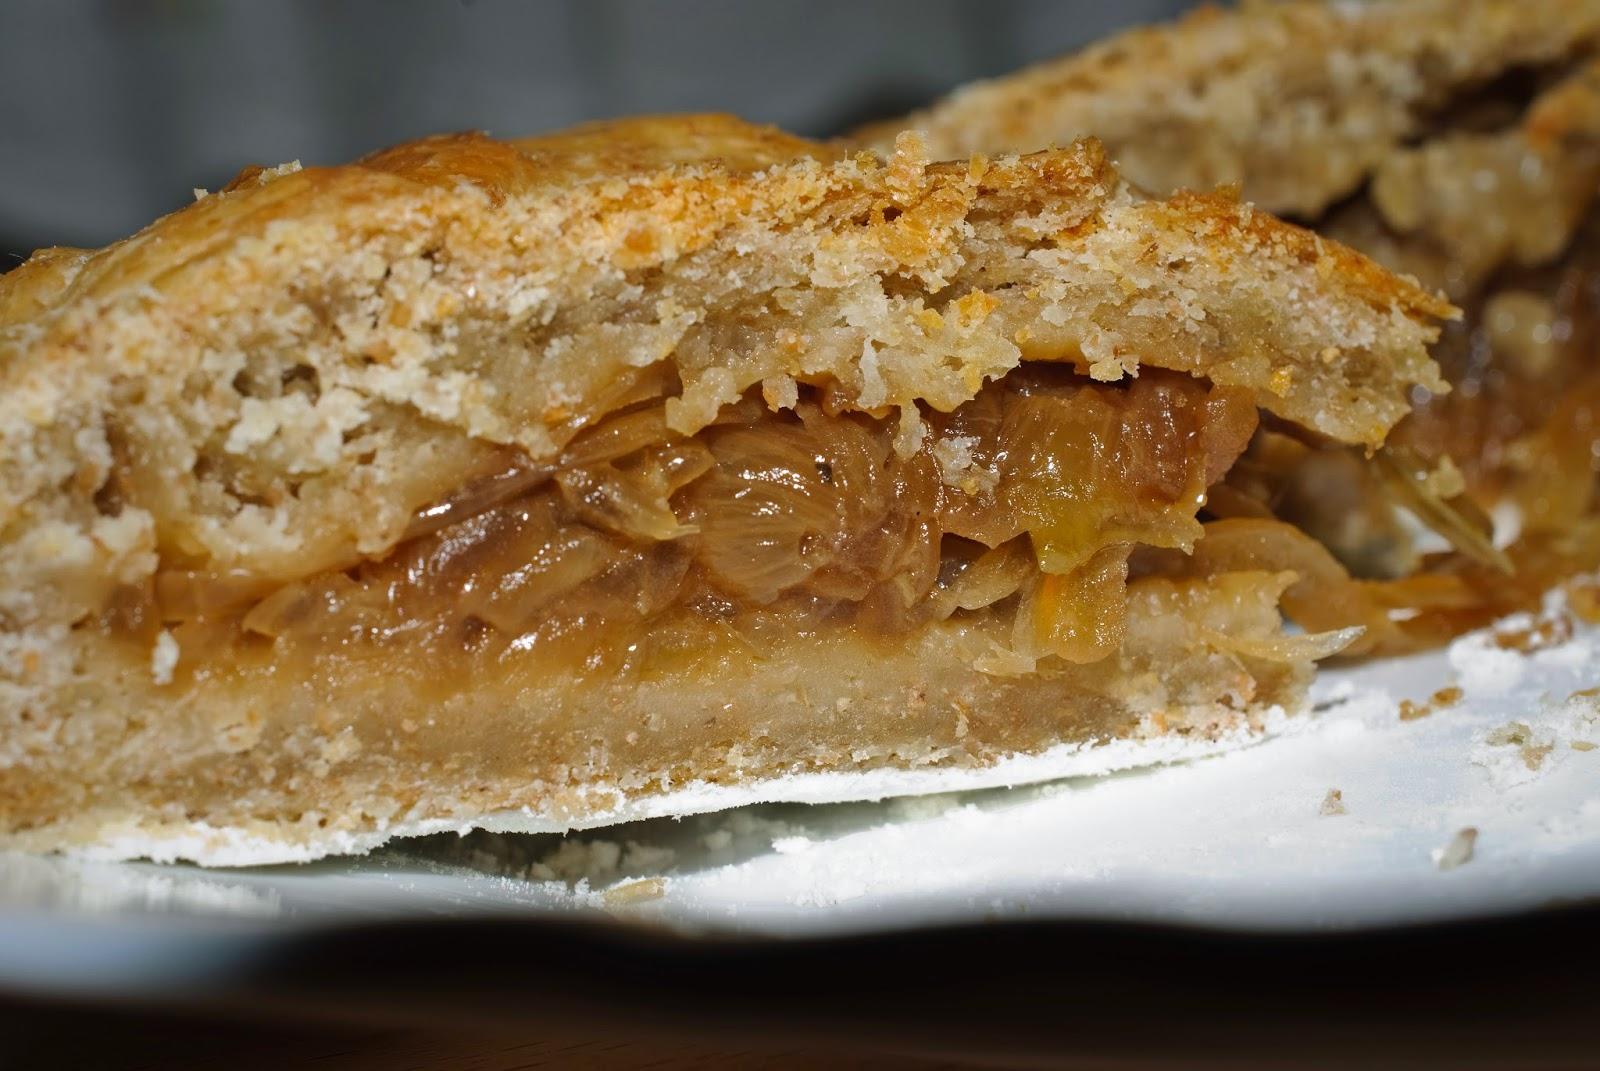 Pastel de cebolla; onion pie